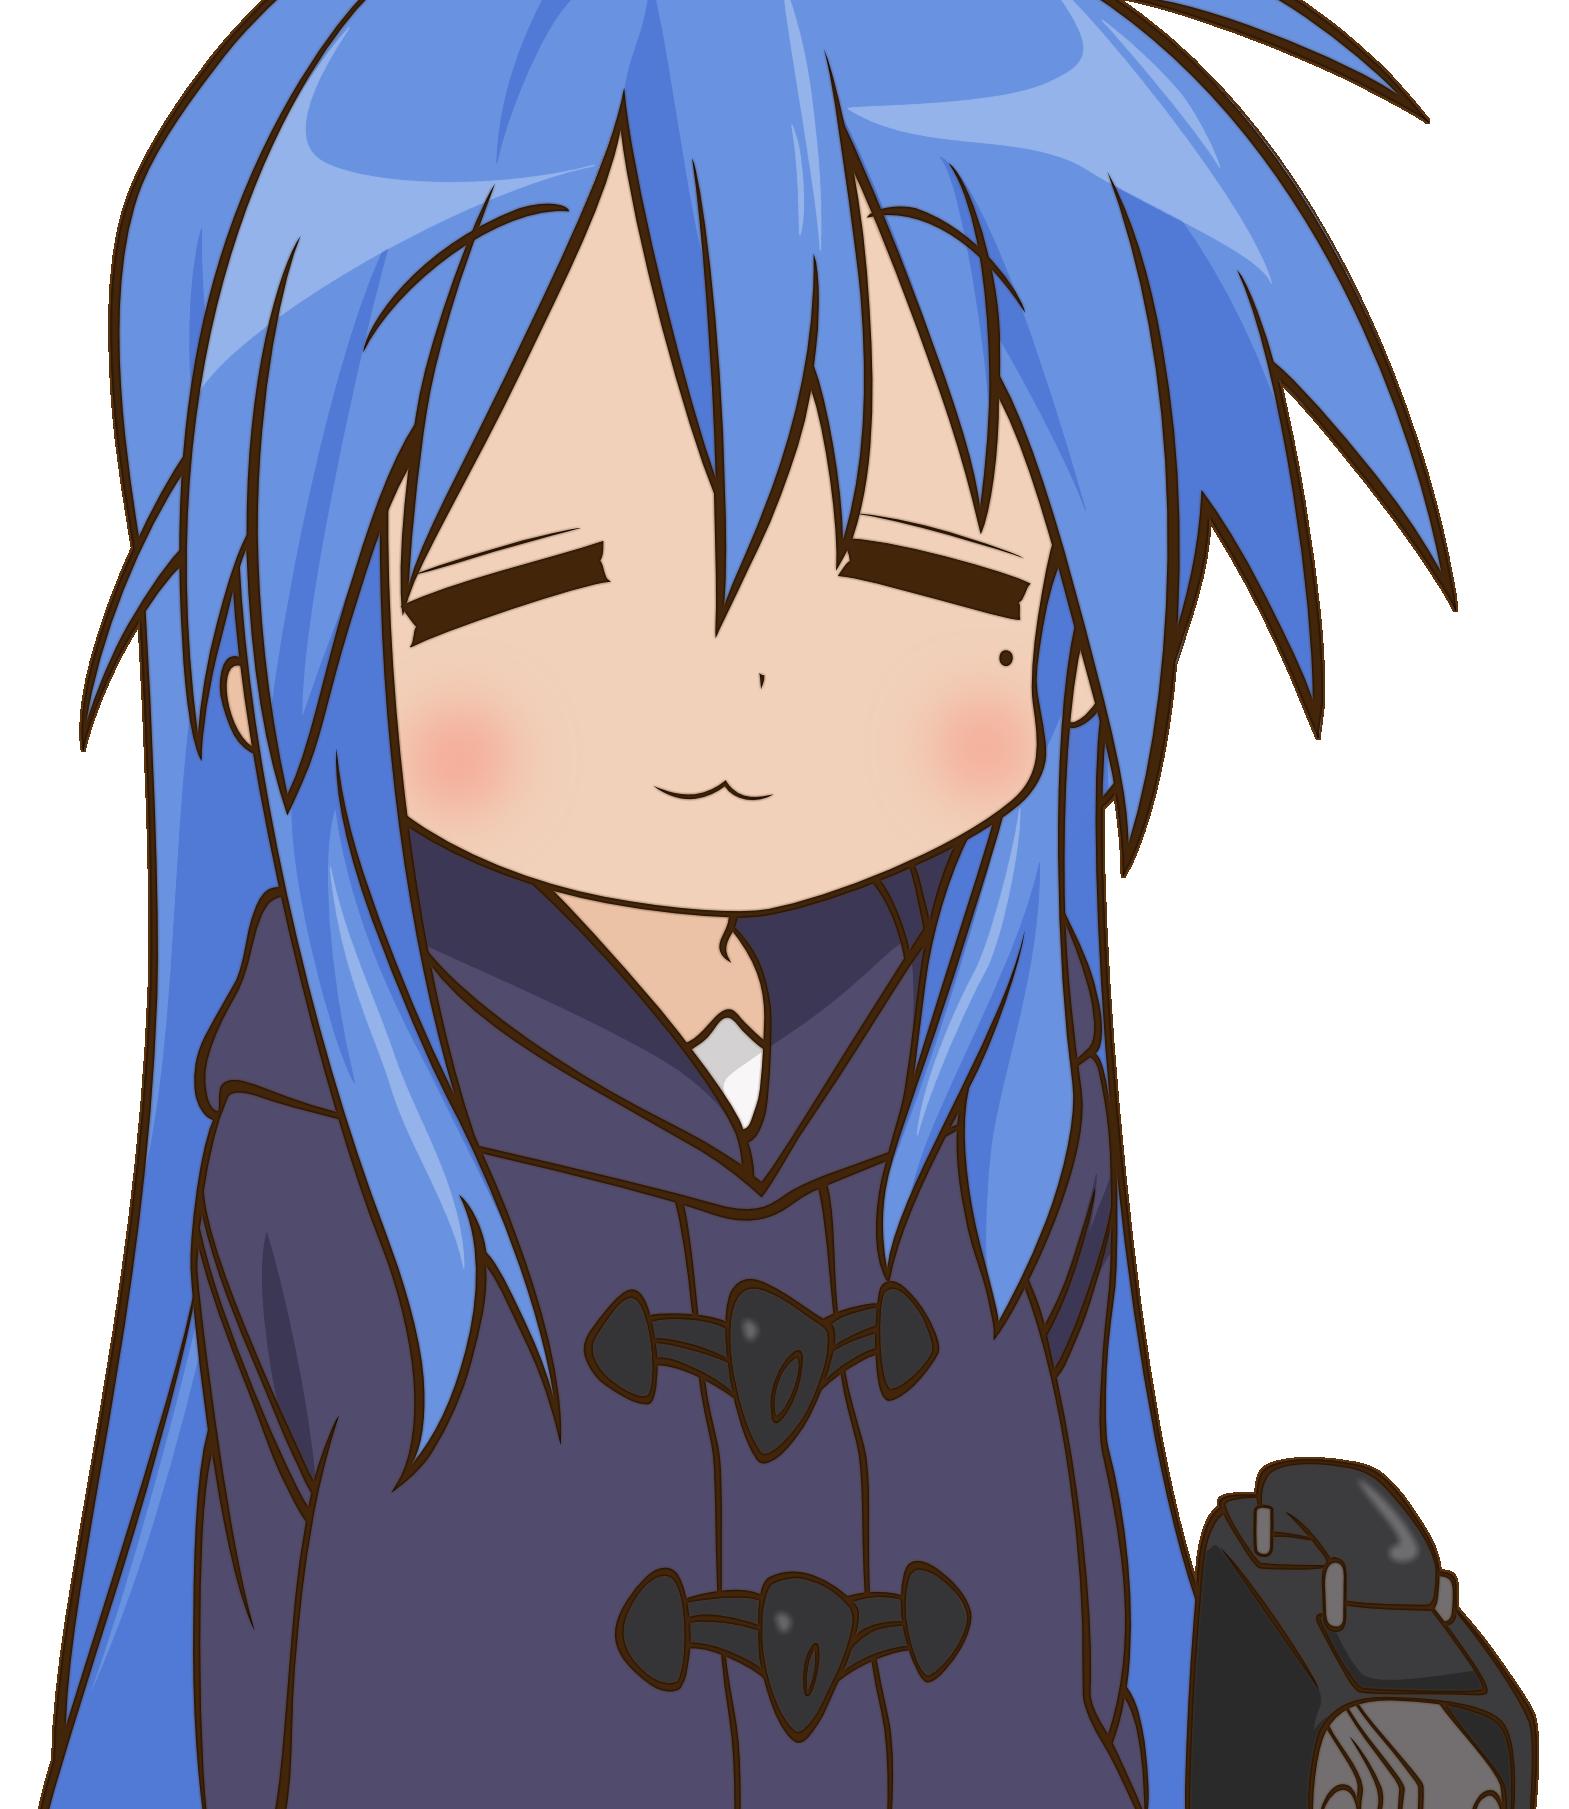 Смешные картинки аниме на аву стим, спокой ночи